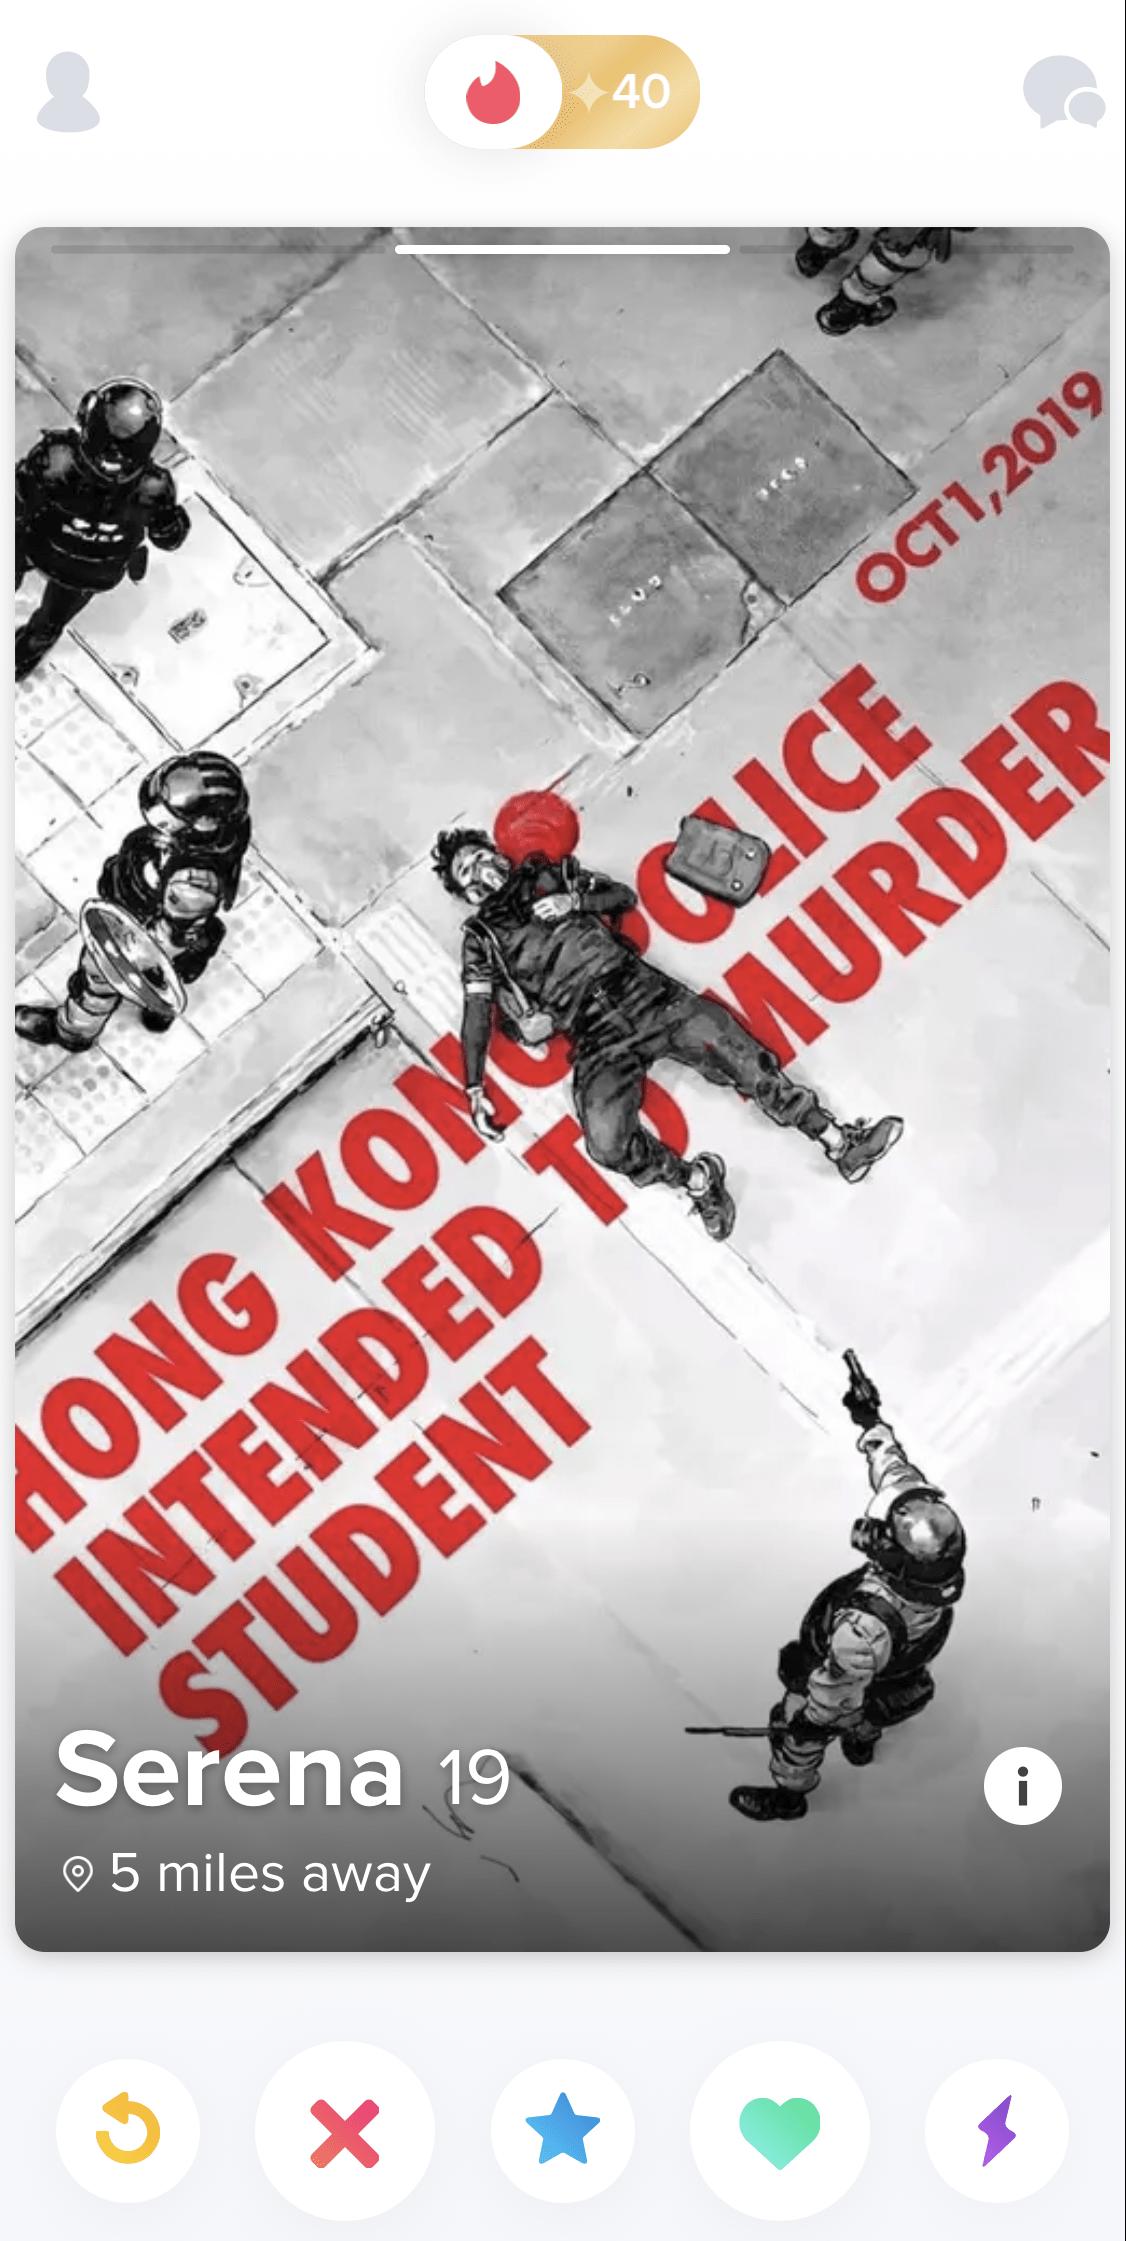 guerrilla communication - tinder - hong kong